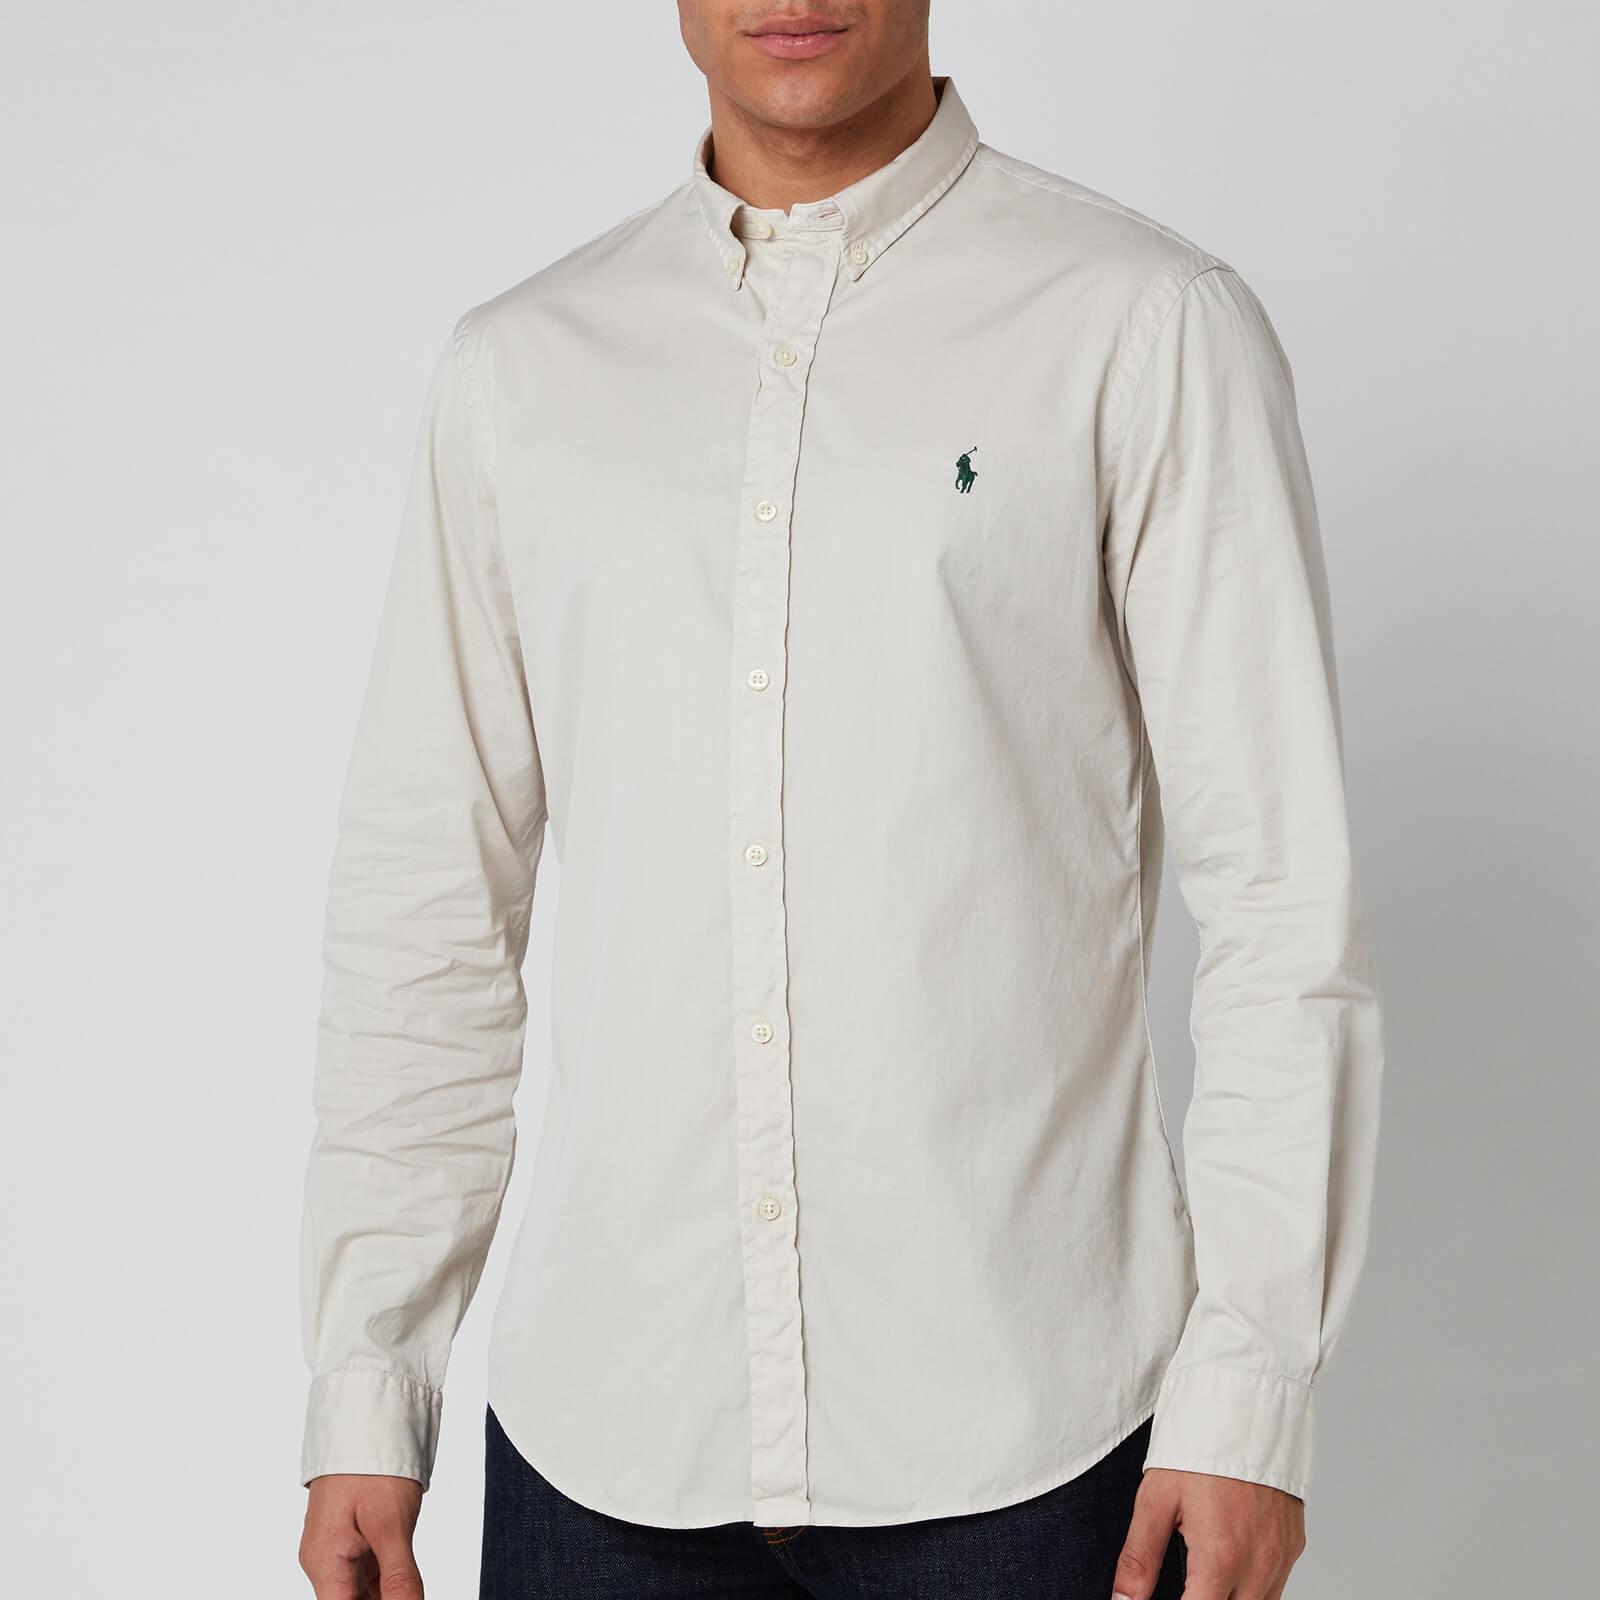 Polo Ralph Lauren Men's Long Sleeve Sport Shirt - Dove Grey - XL